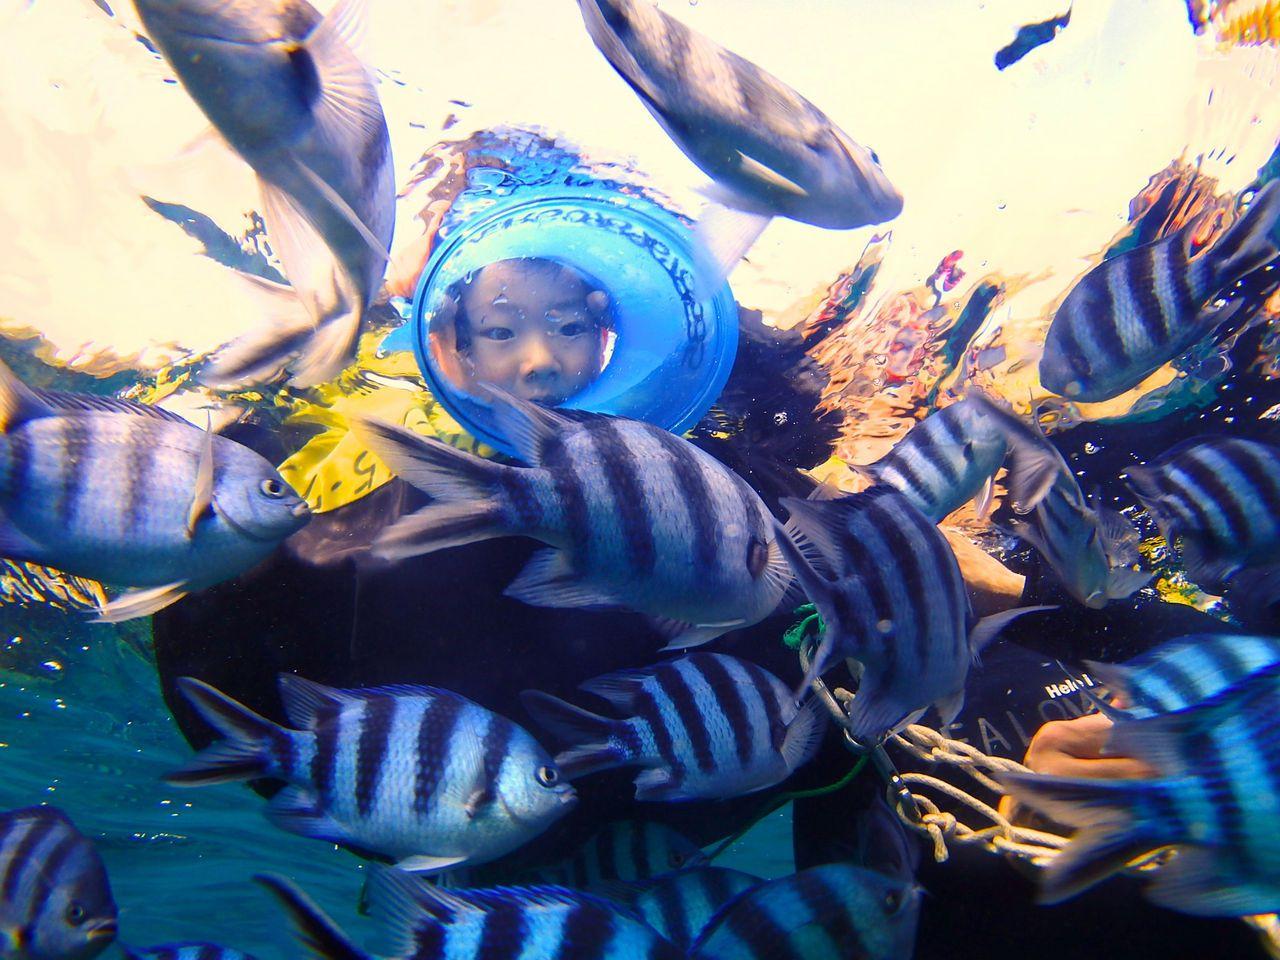 <沖縄・青の洞窟シュノーケリング>ボート利用でグループ貸切!水中撮影も餌付けも無料の人気ナンバー1ツアー【1日5回/満3歳以上】<1回目/8:00~10:30>青の洞窟ボート貸切シュノーケリング